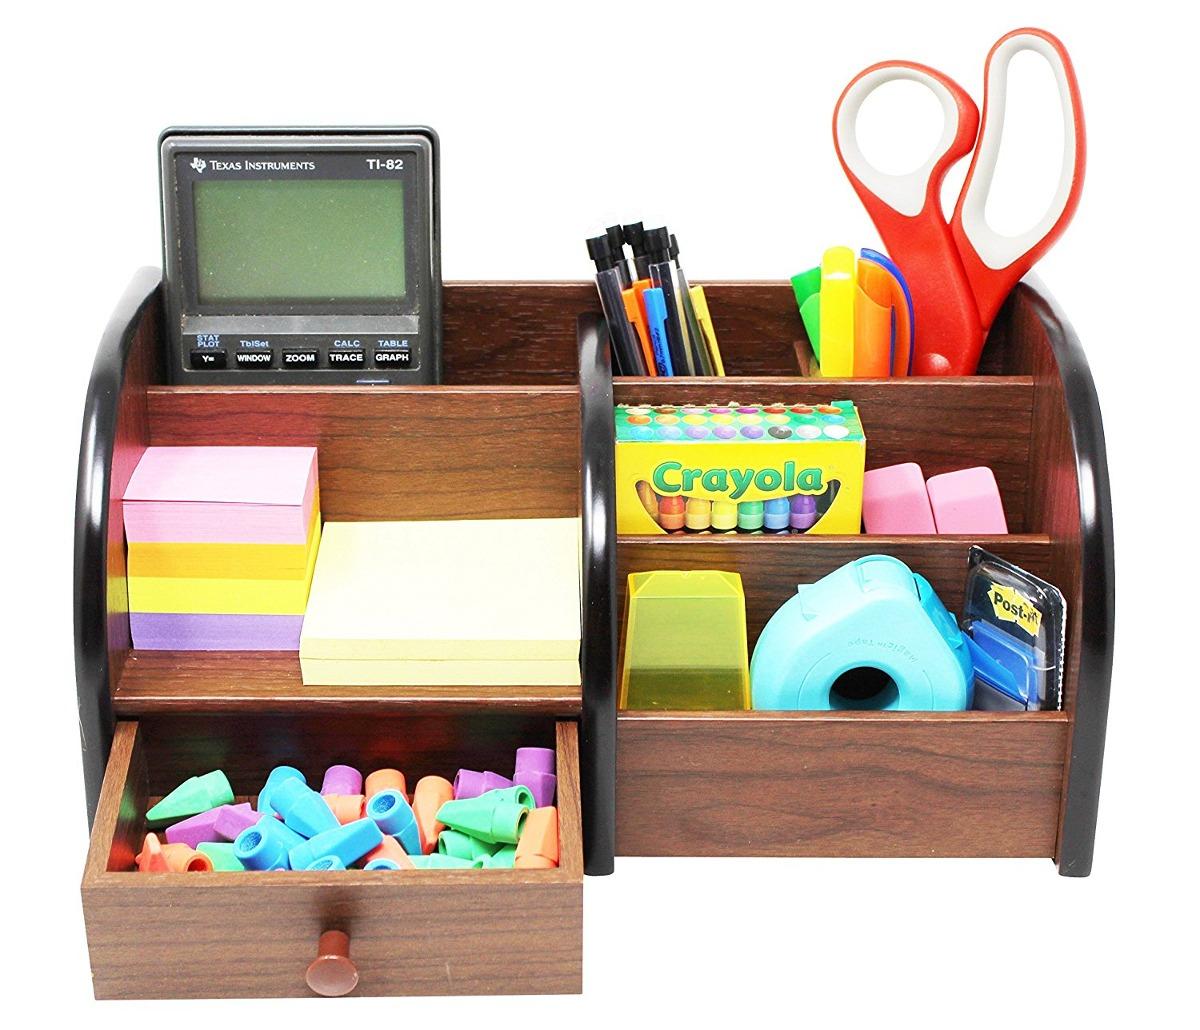 Organizador de escritorio de madera para oficina cherry b - Escritorios de madera para oficina ...